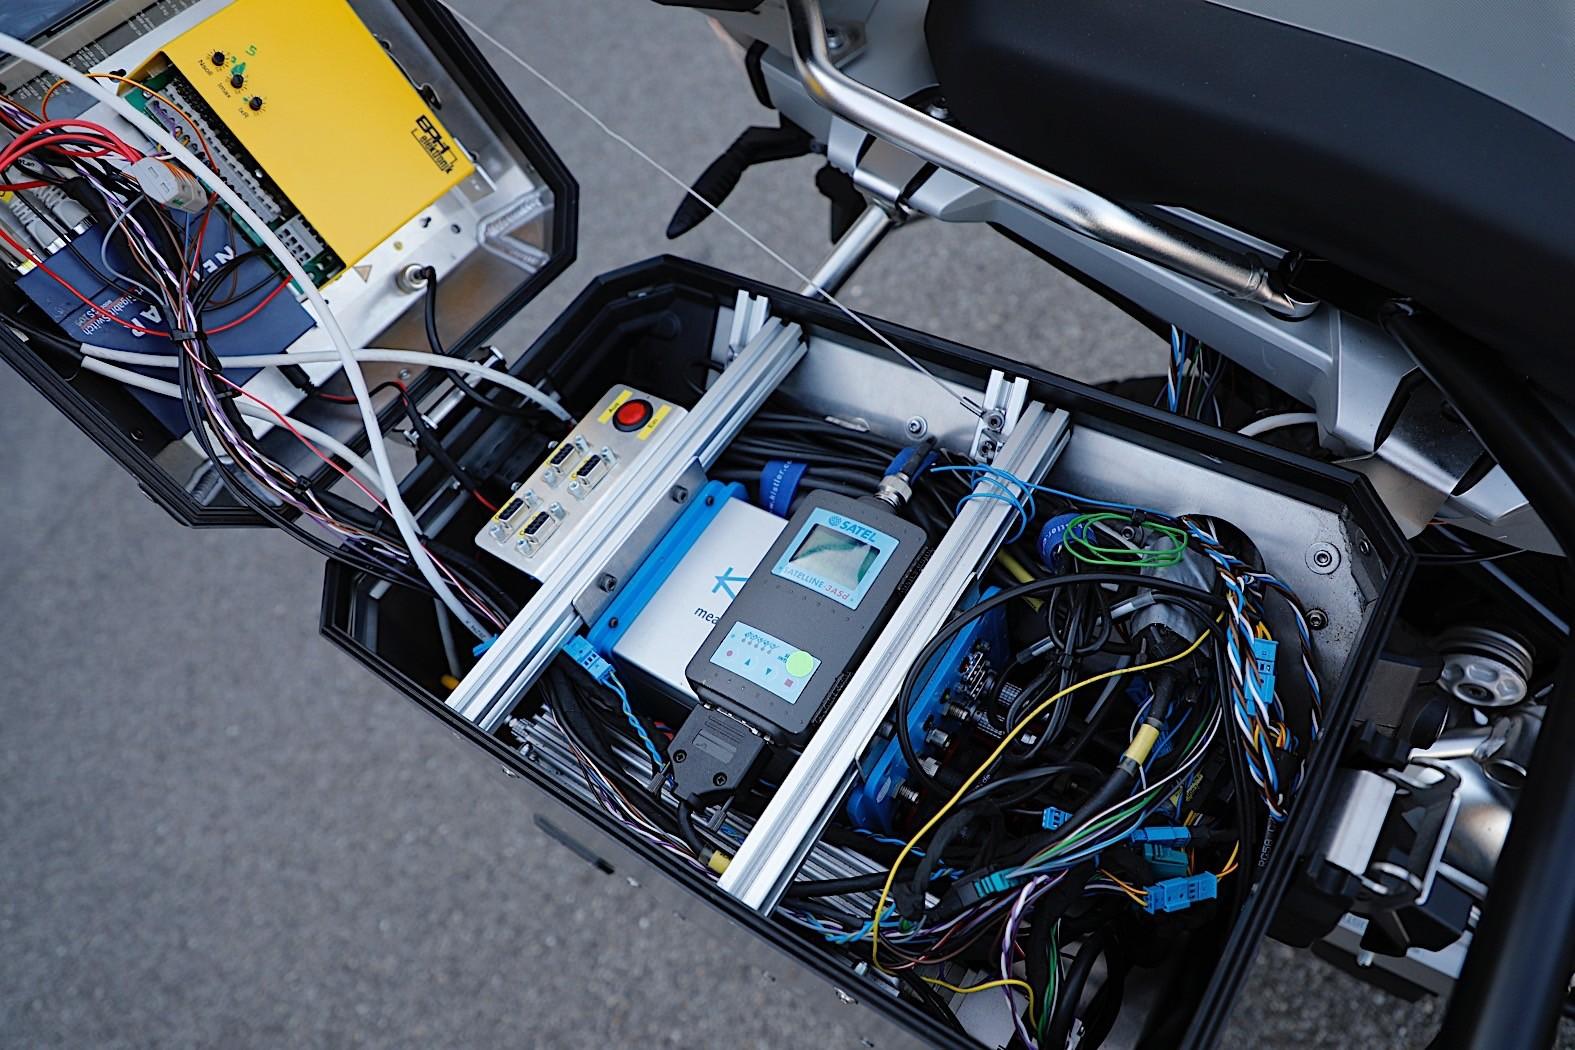 Autonomous BMW R 1200 GS